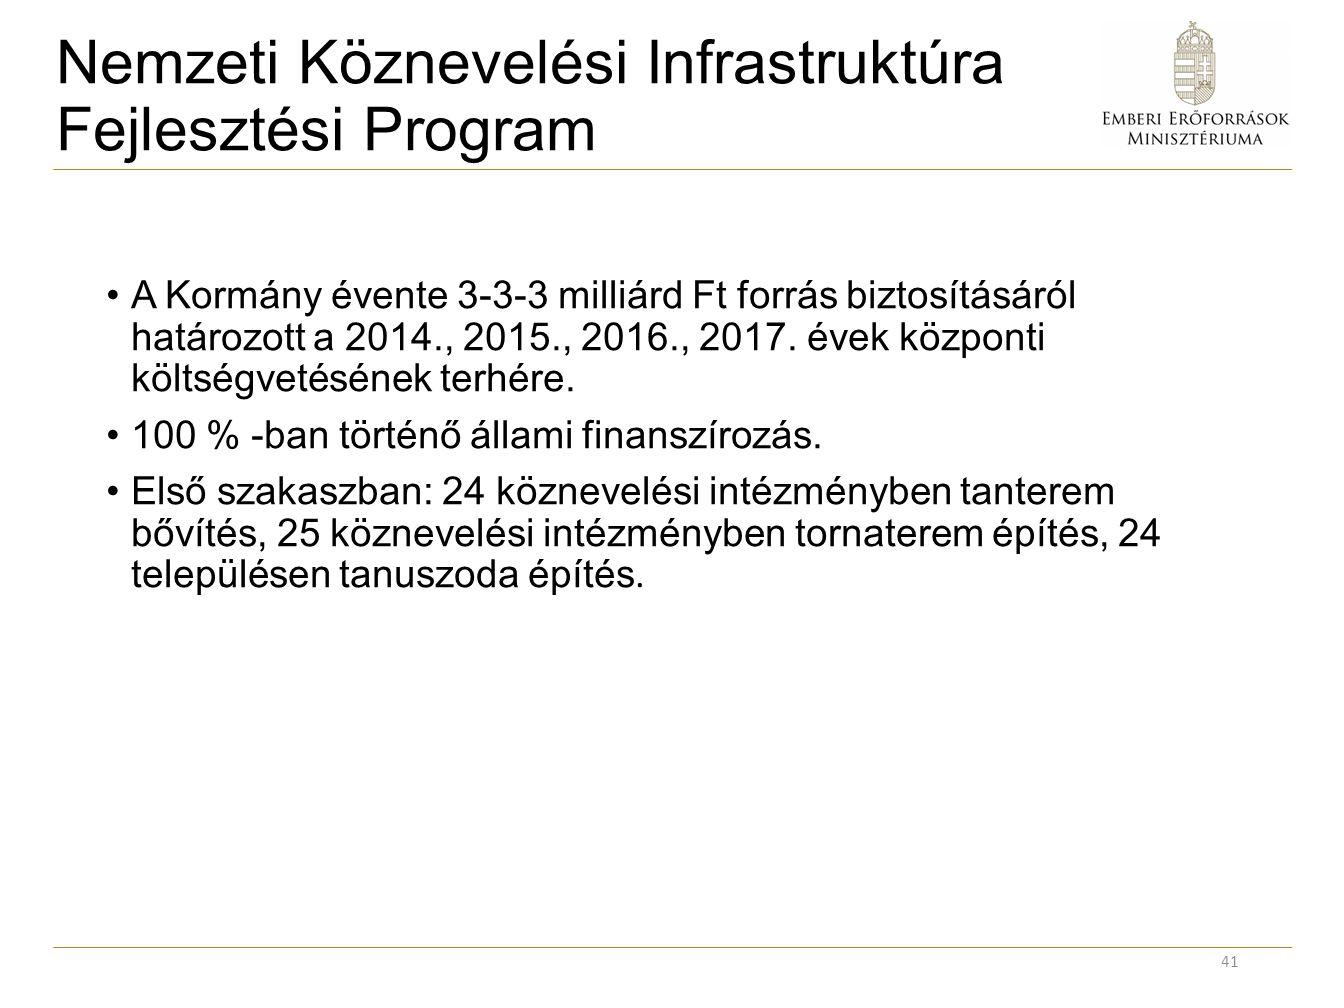 Nemzeti Köznevelési Infrastruktúra Fejlesztési Program A Kormány évente 3-3-3 milliárd Ft forrás biztosításáról határozott a 2014., 2015., 2016., 2017.